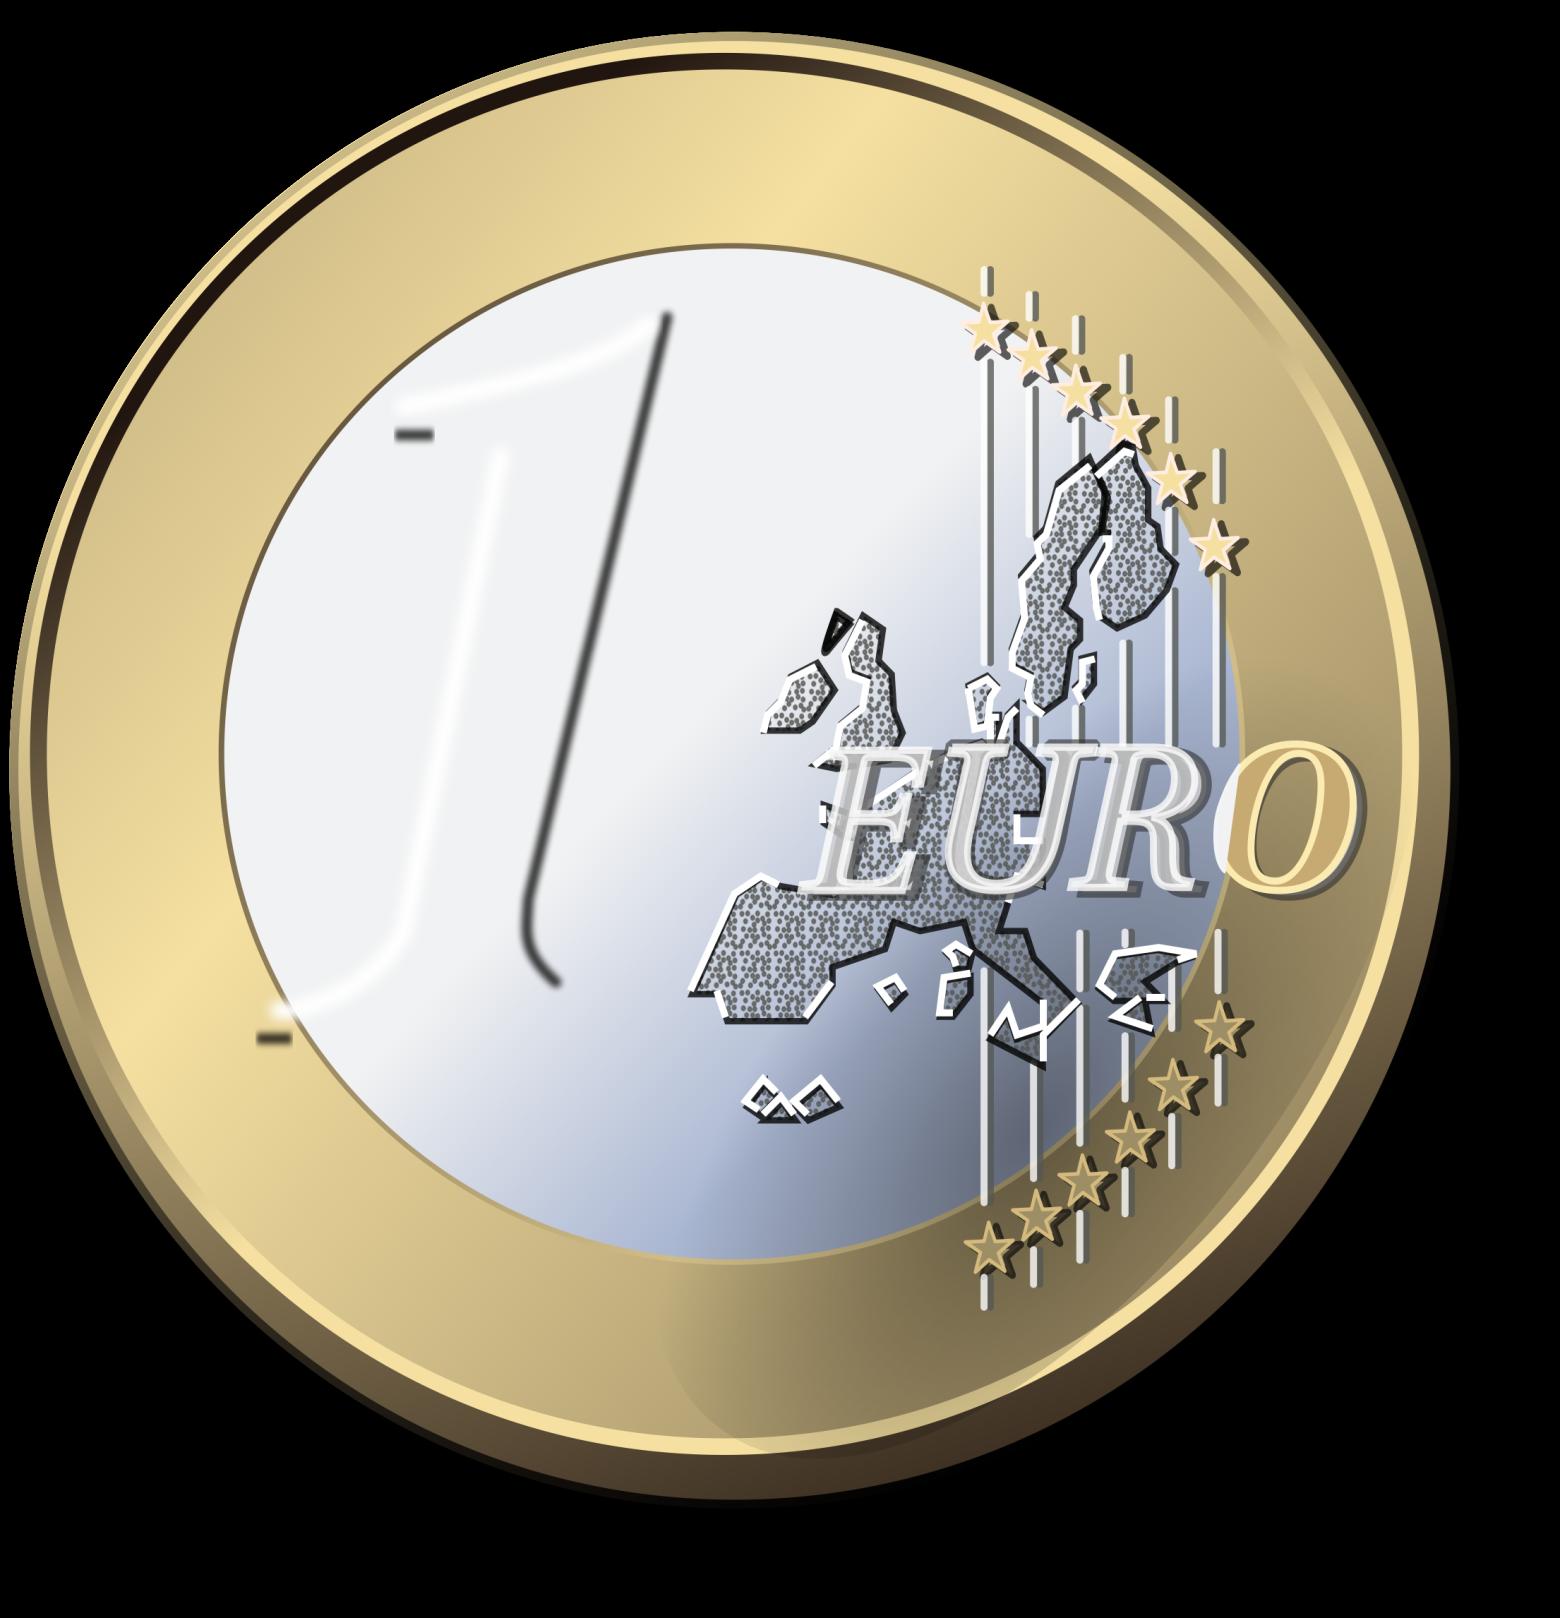 1 euro pi ce de monnaie images photos gratuites images. Black Bedroom Furniture Sets. Home Design Ideas